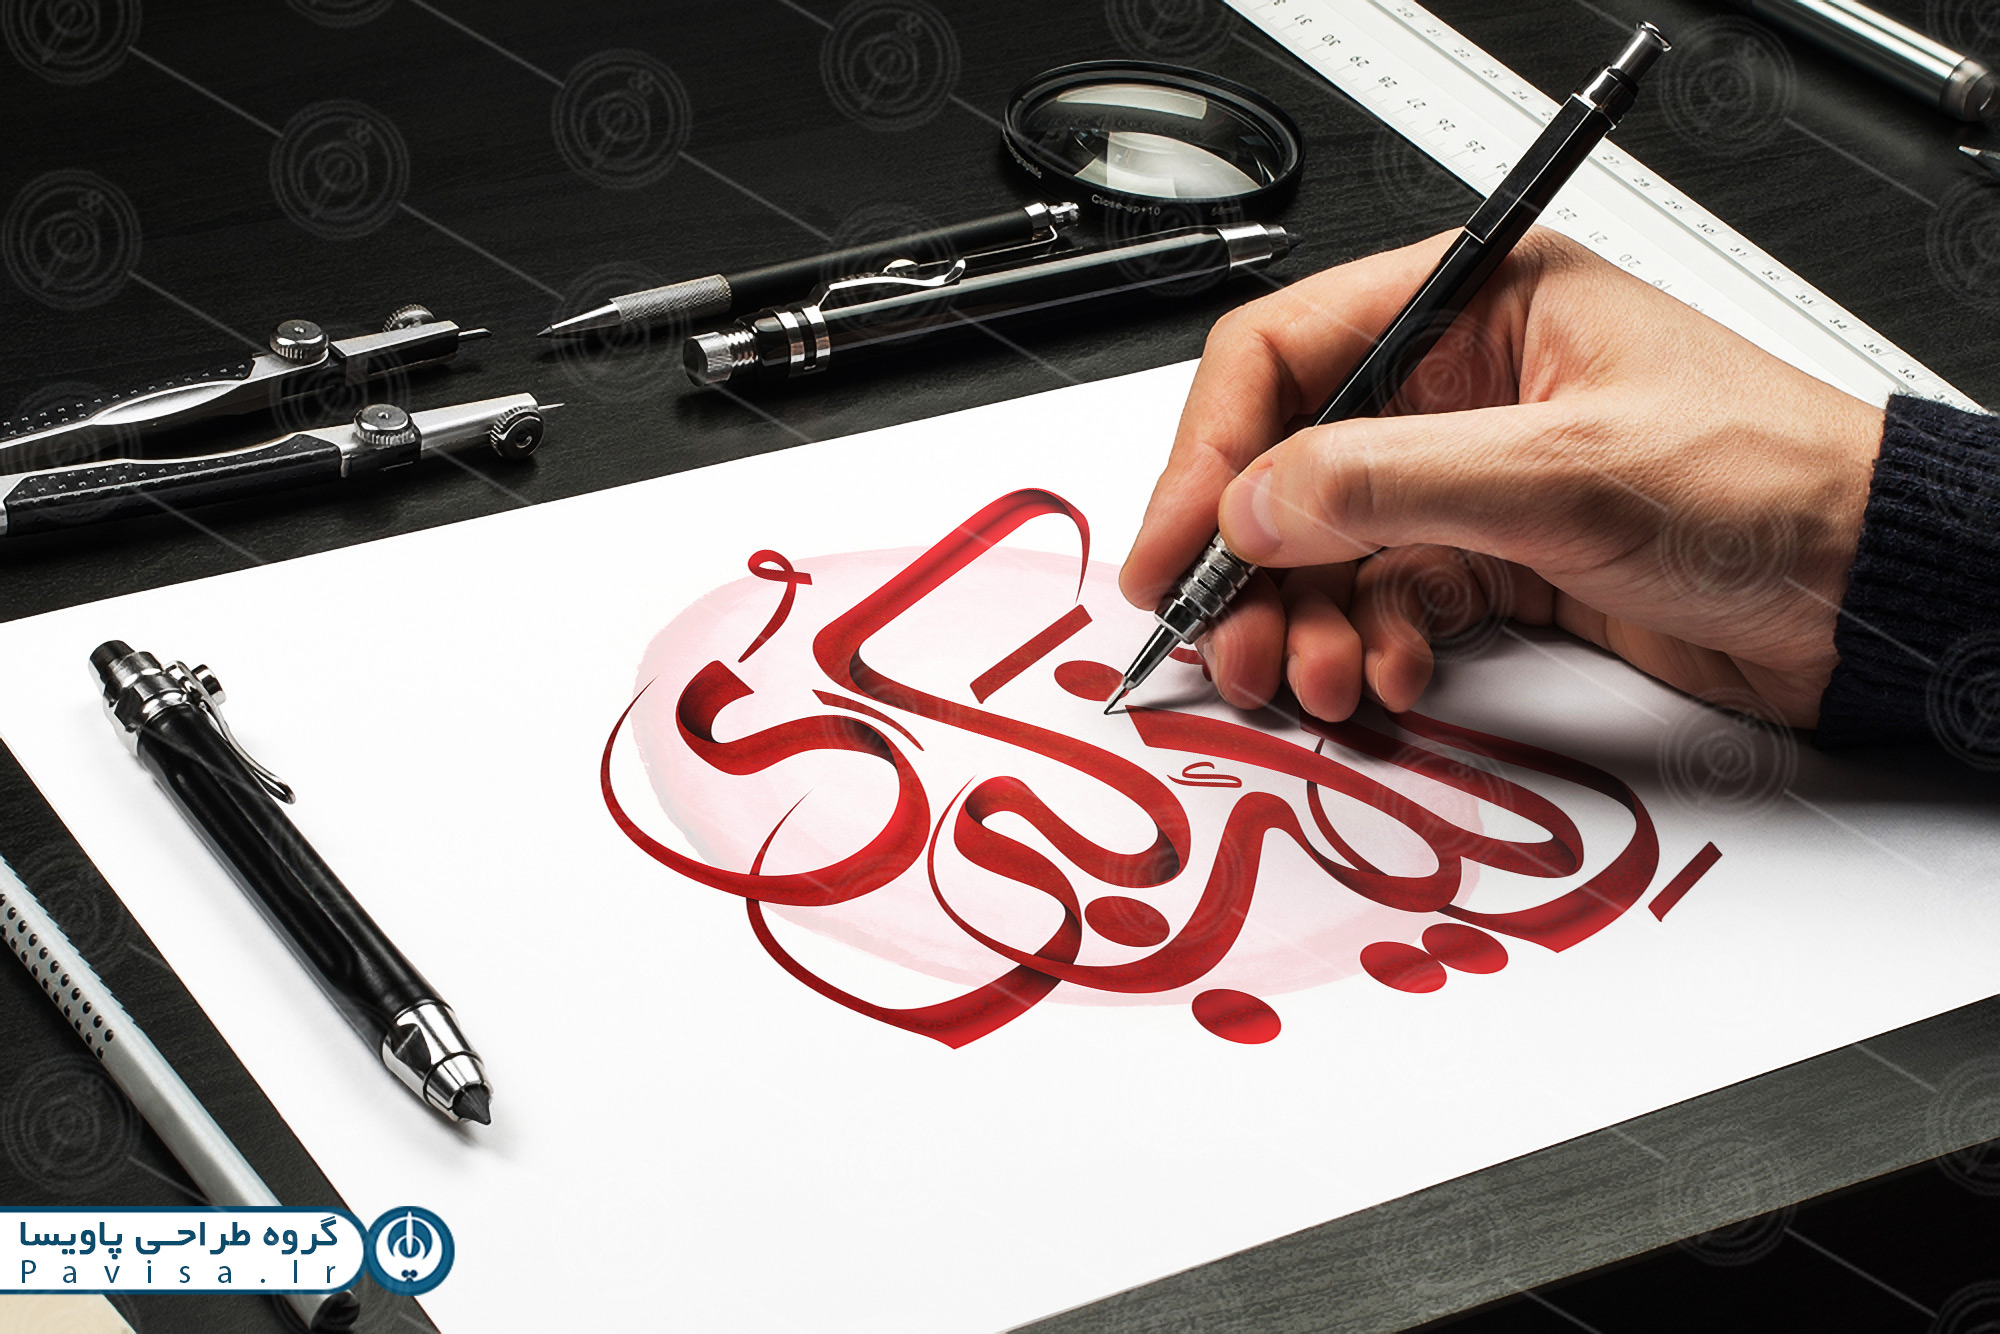 تایپوگرافی حضرت زینب (س)